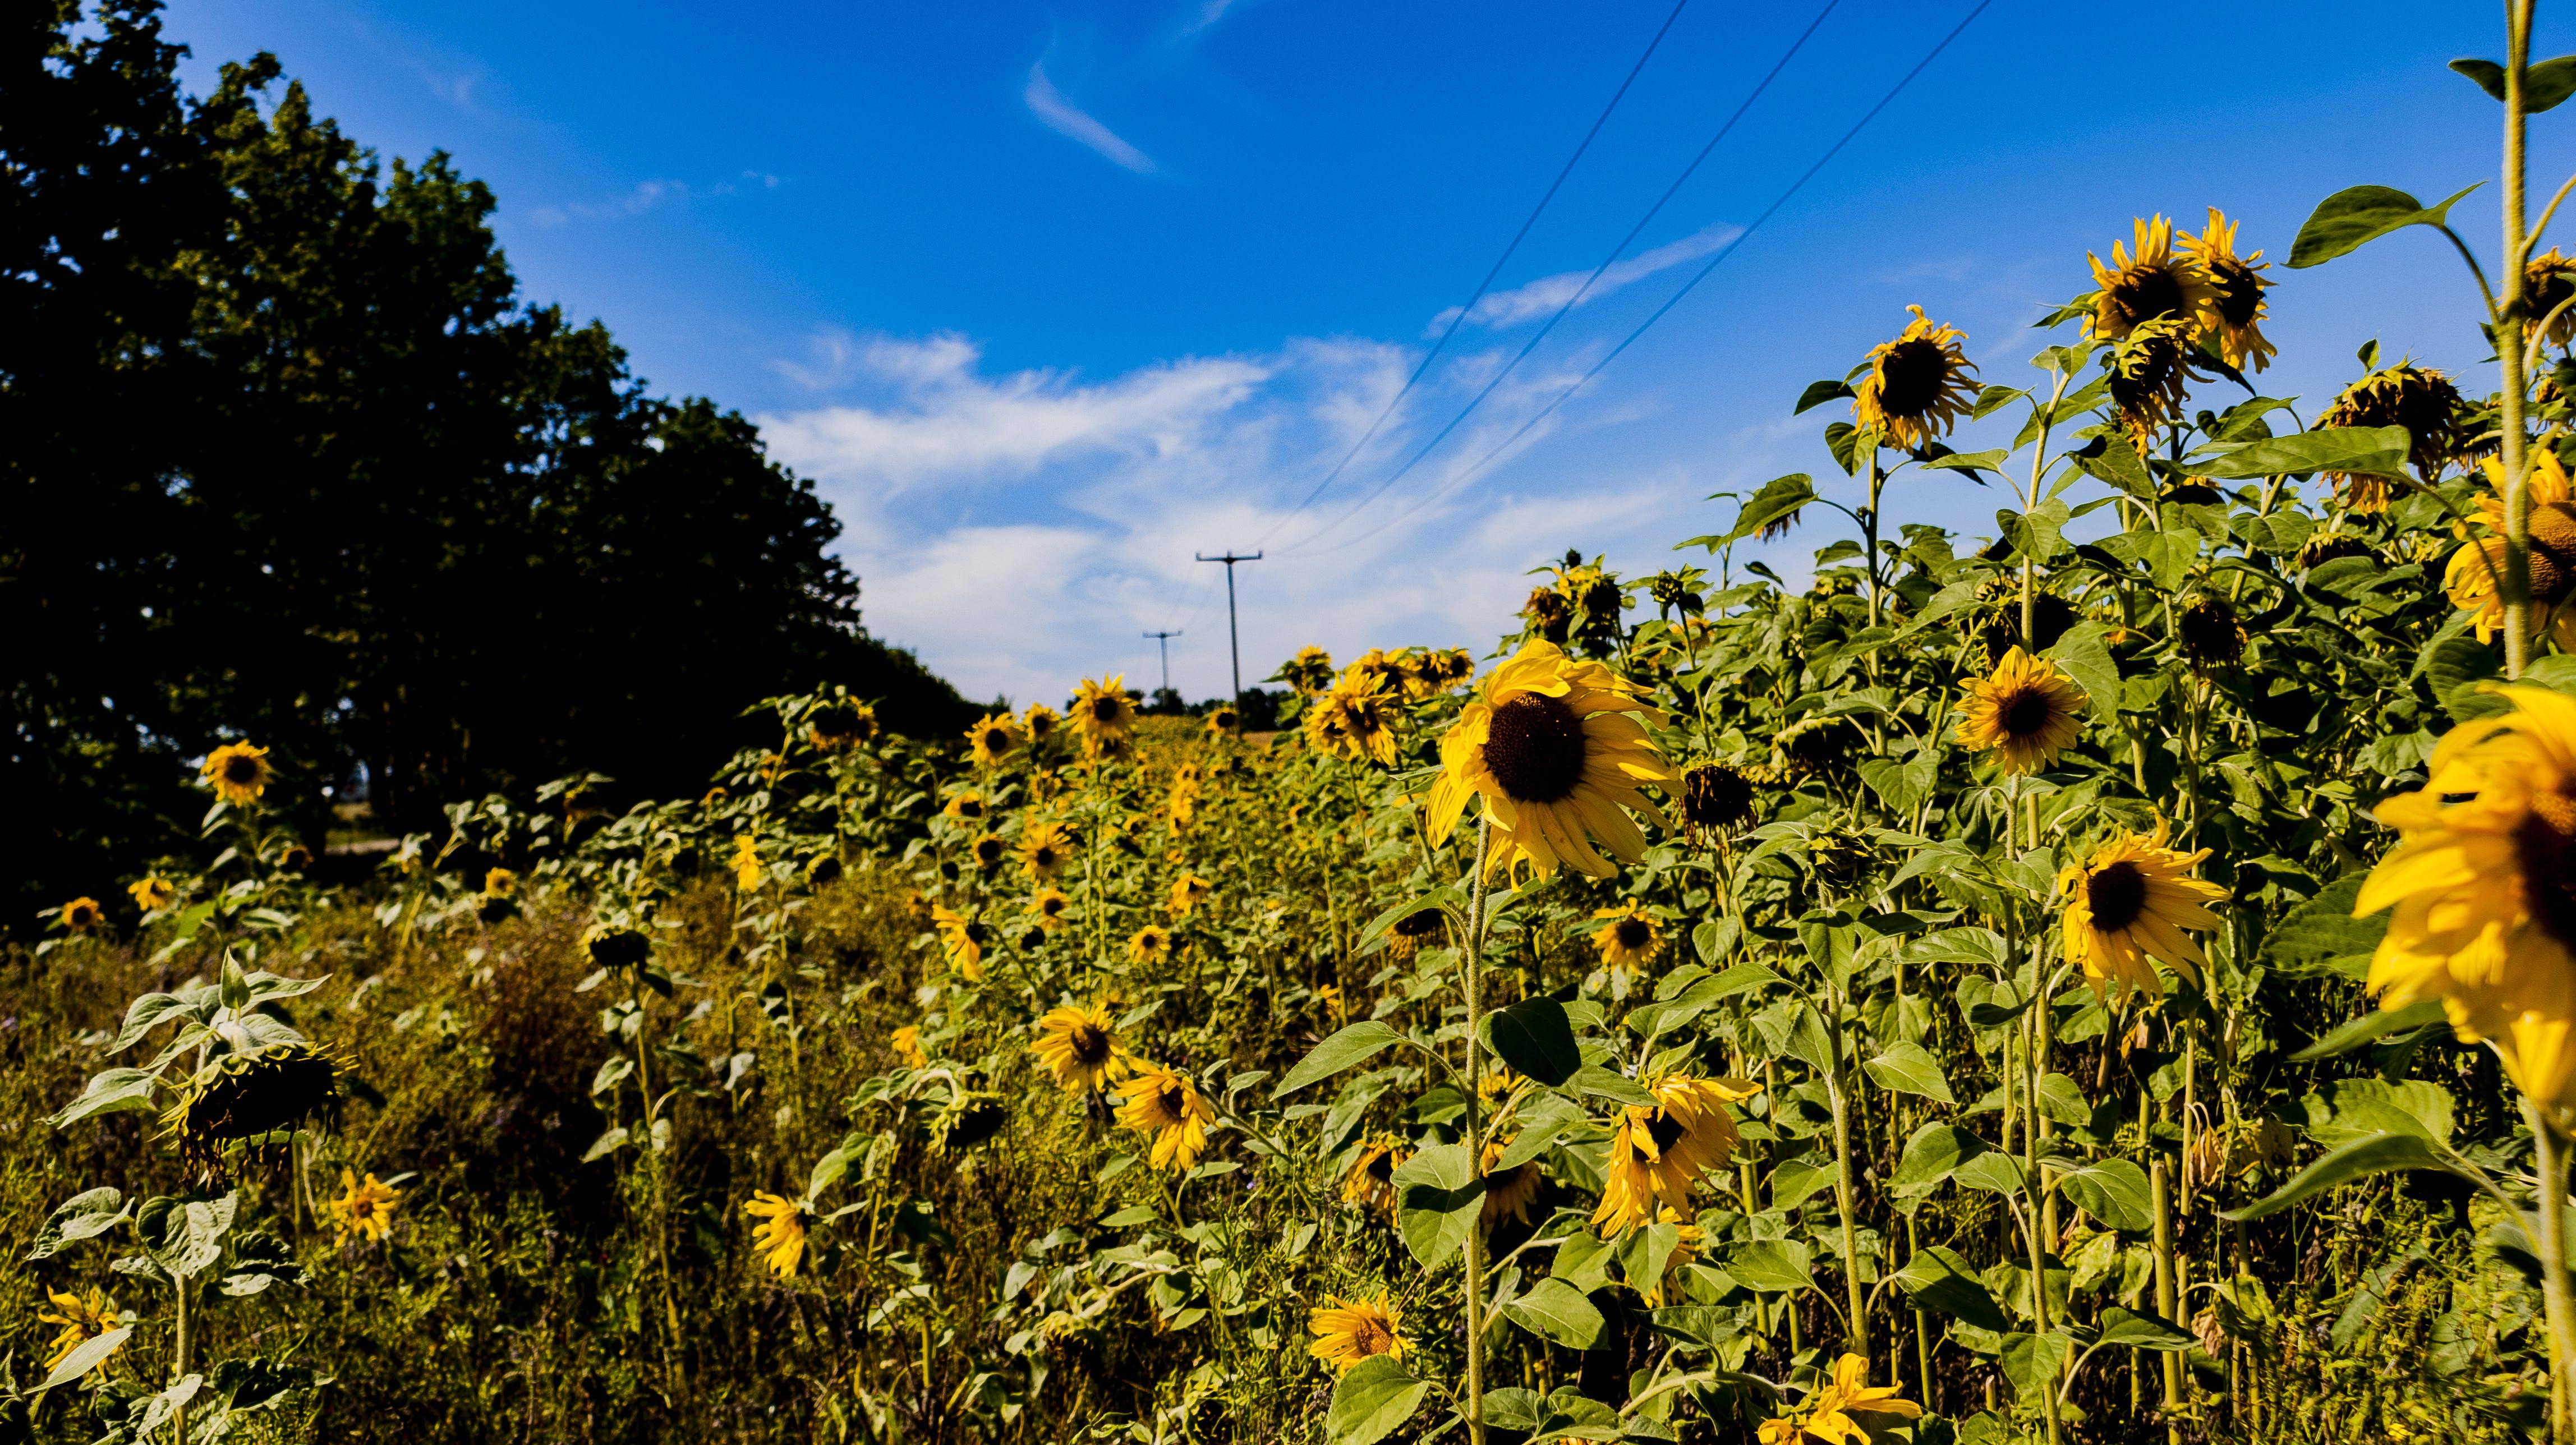 Kostenloses Stock Foto zu landschaft, sonnenblumen